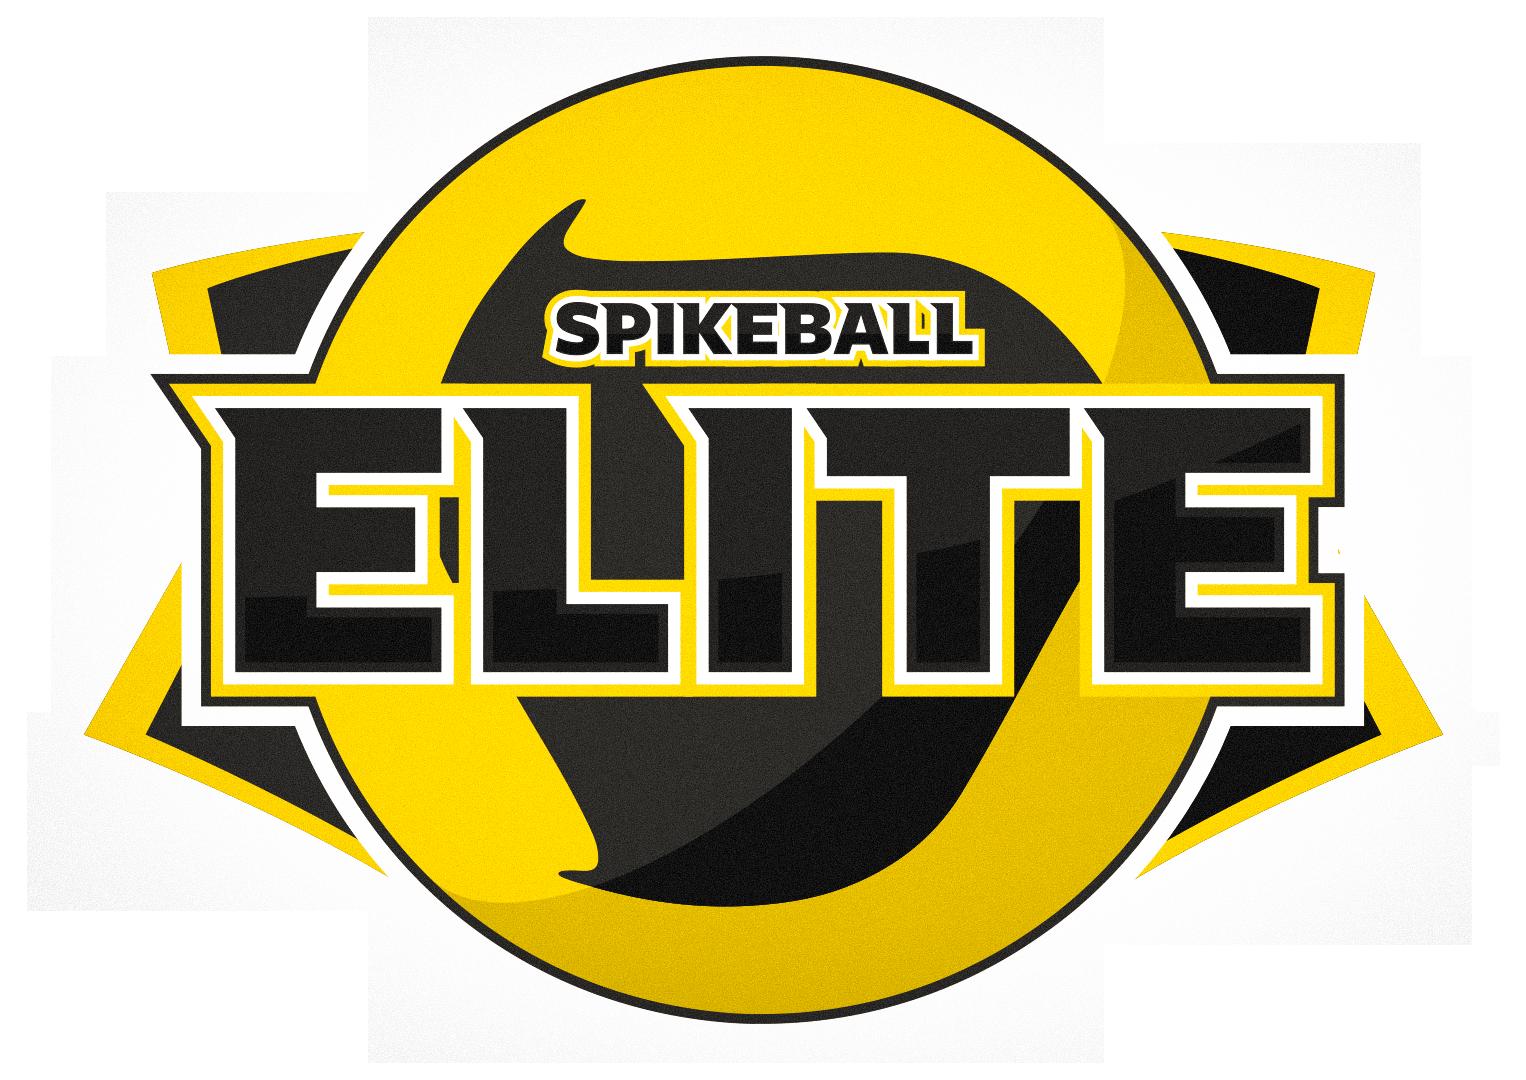 Spikeball Elite – Spikeball Roundnet Association